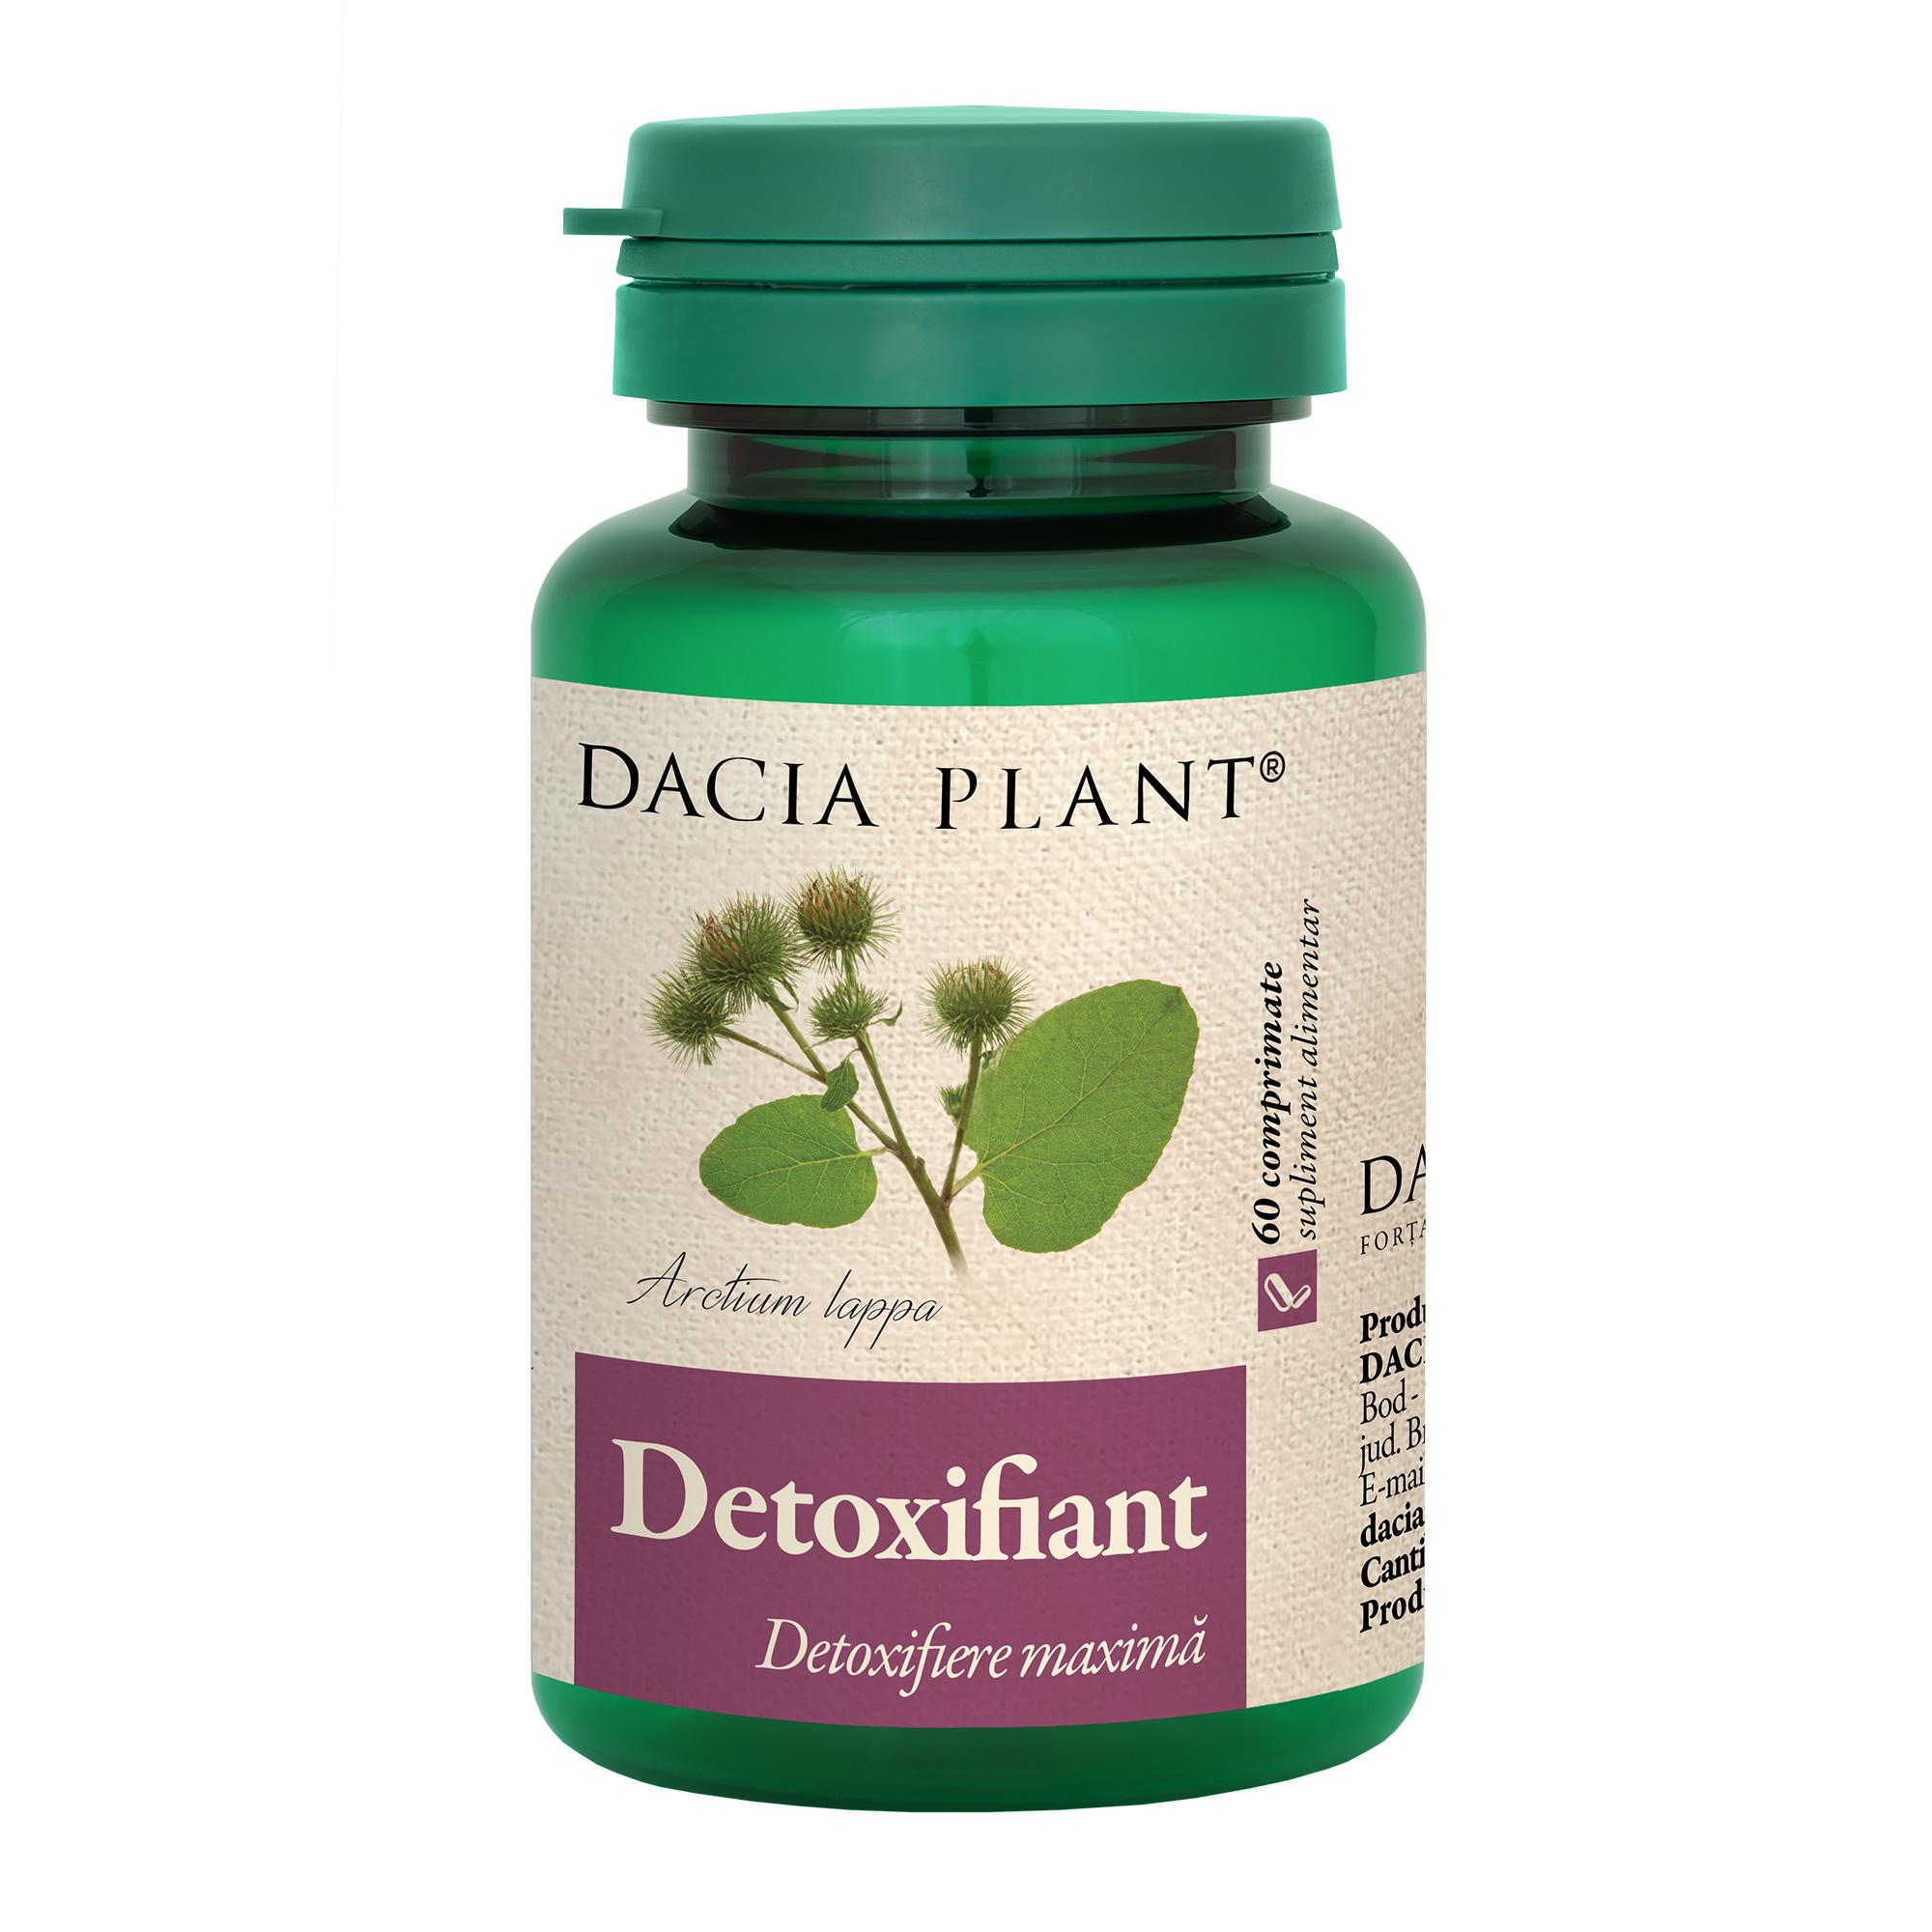 detoxifiant pentru colon